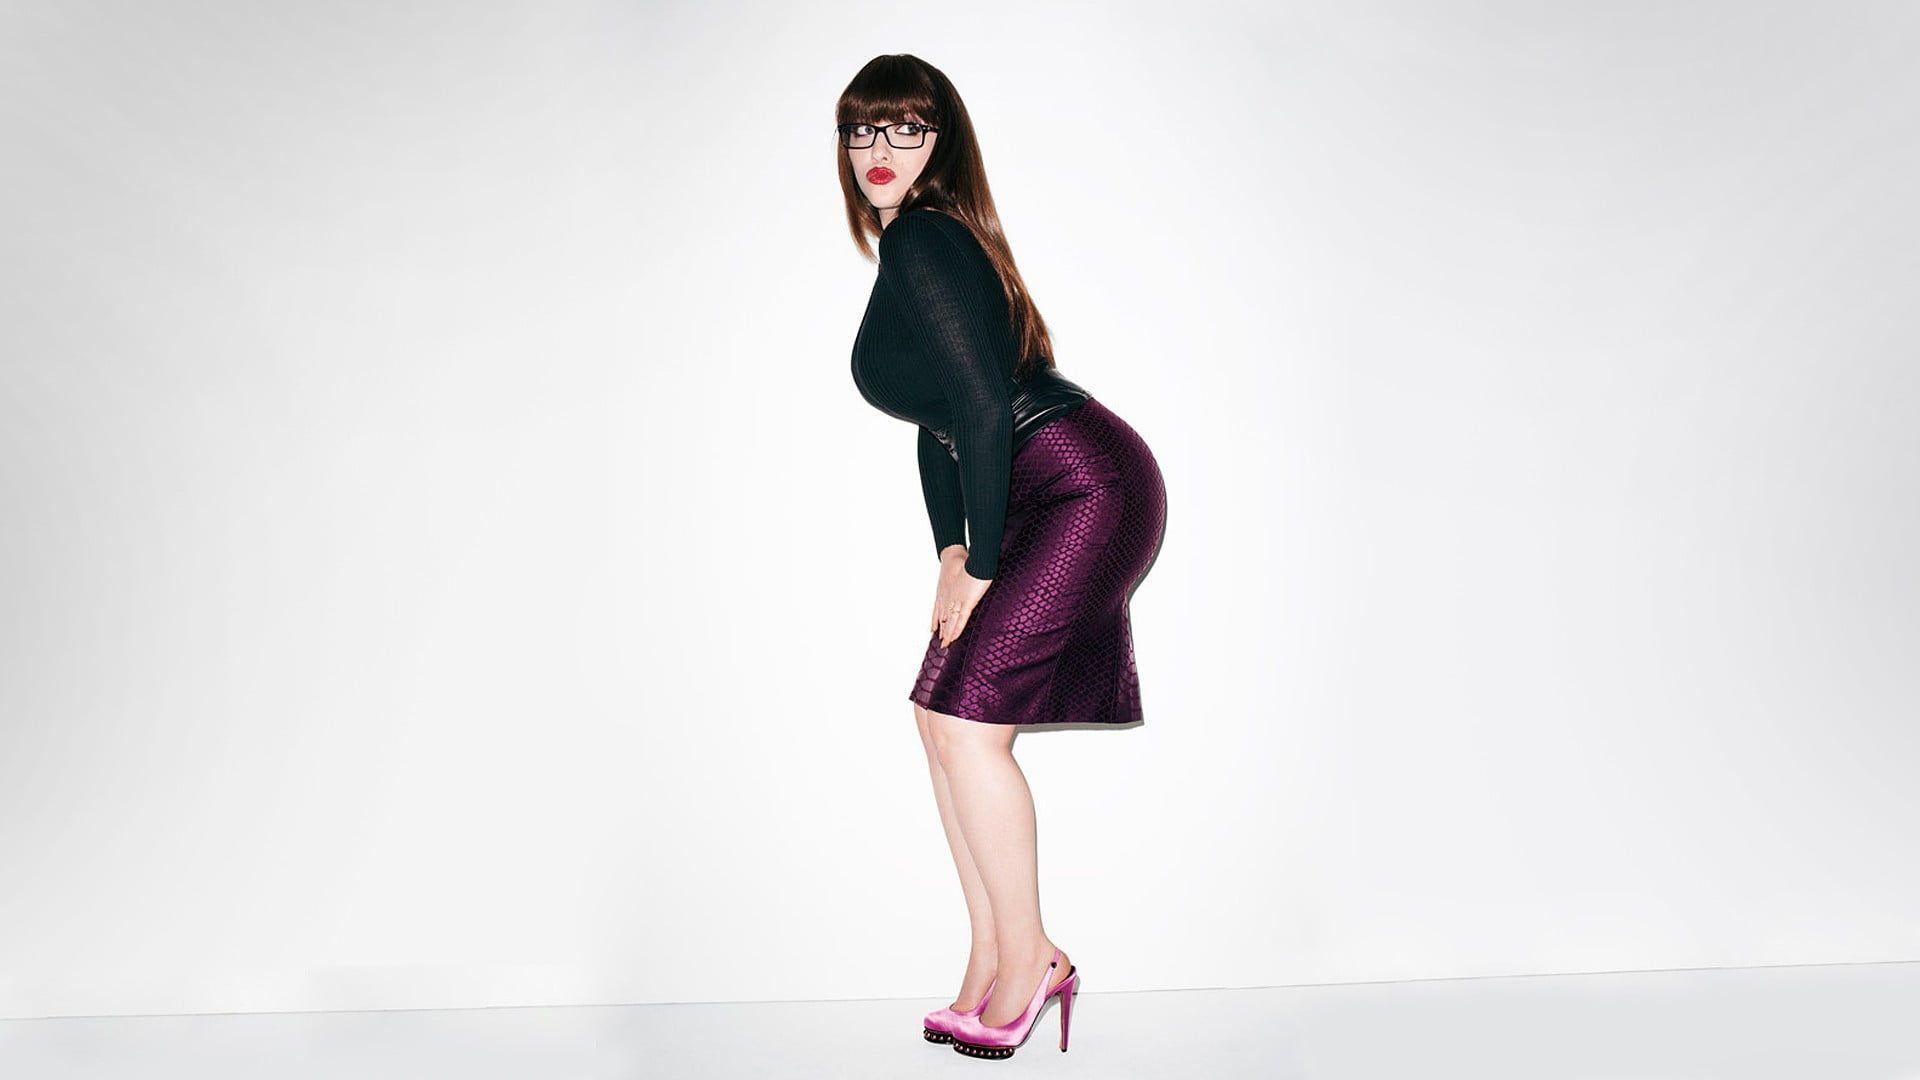 Kat Dennings Actress Brunette Simple Background High Heels Women 1080p Wallpaper Hdwallpap Womens Black Bodycon Dress Womens Black Dress Pink Dress Women [ 1080 x 1920 Pixel ]